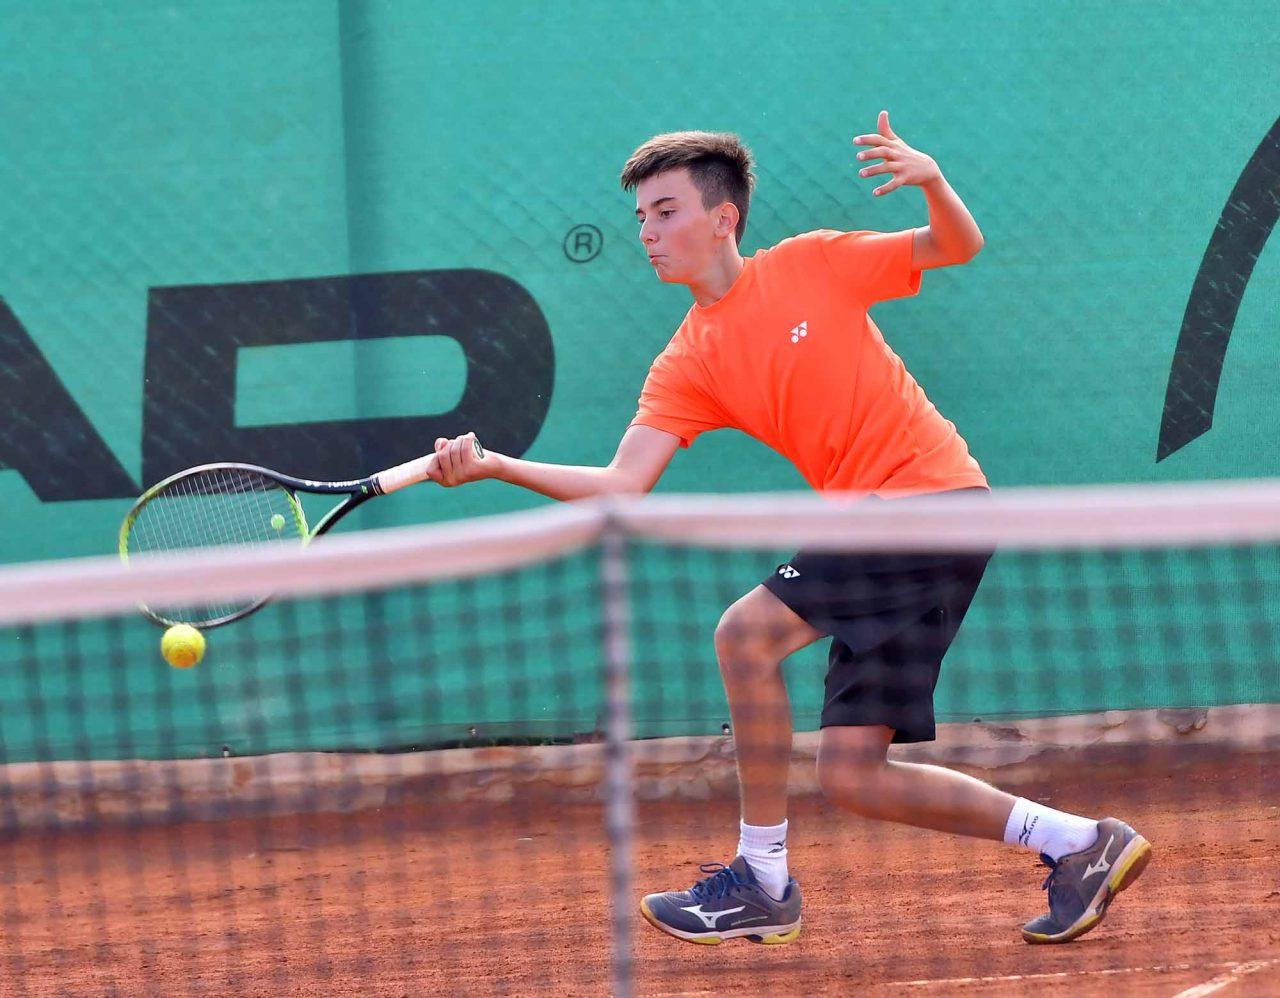 Държавно първенство тенис до 14 год. ТК 15-40 момчета (16)